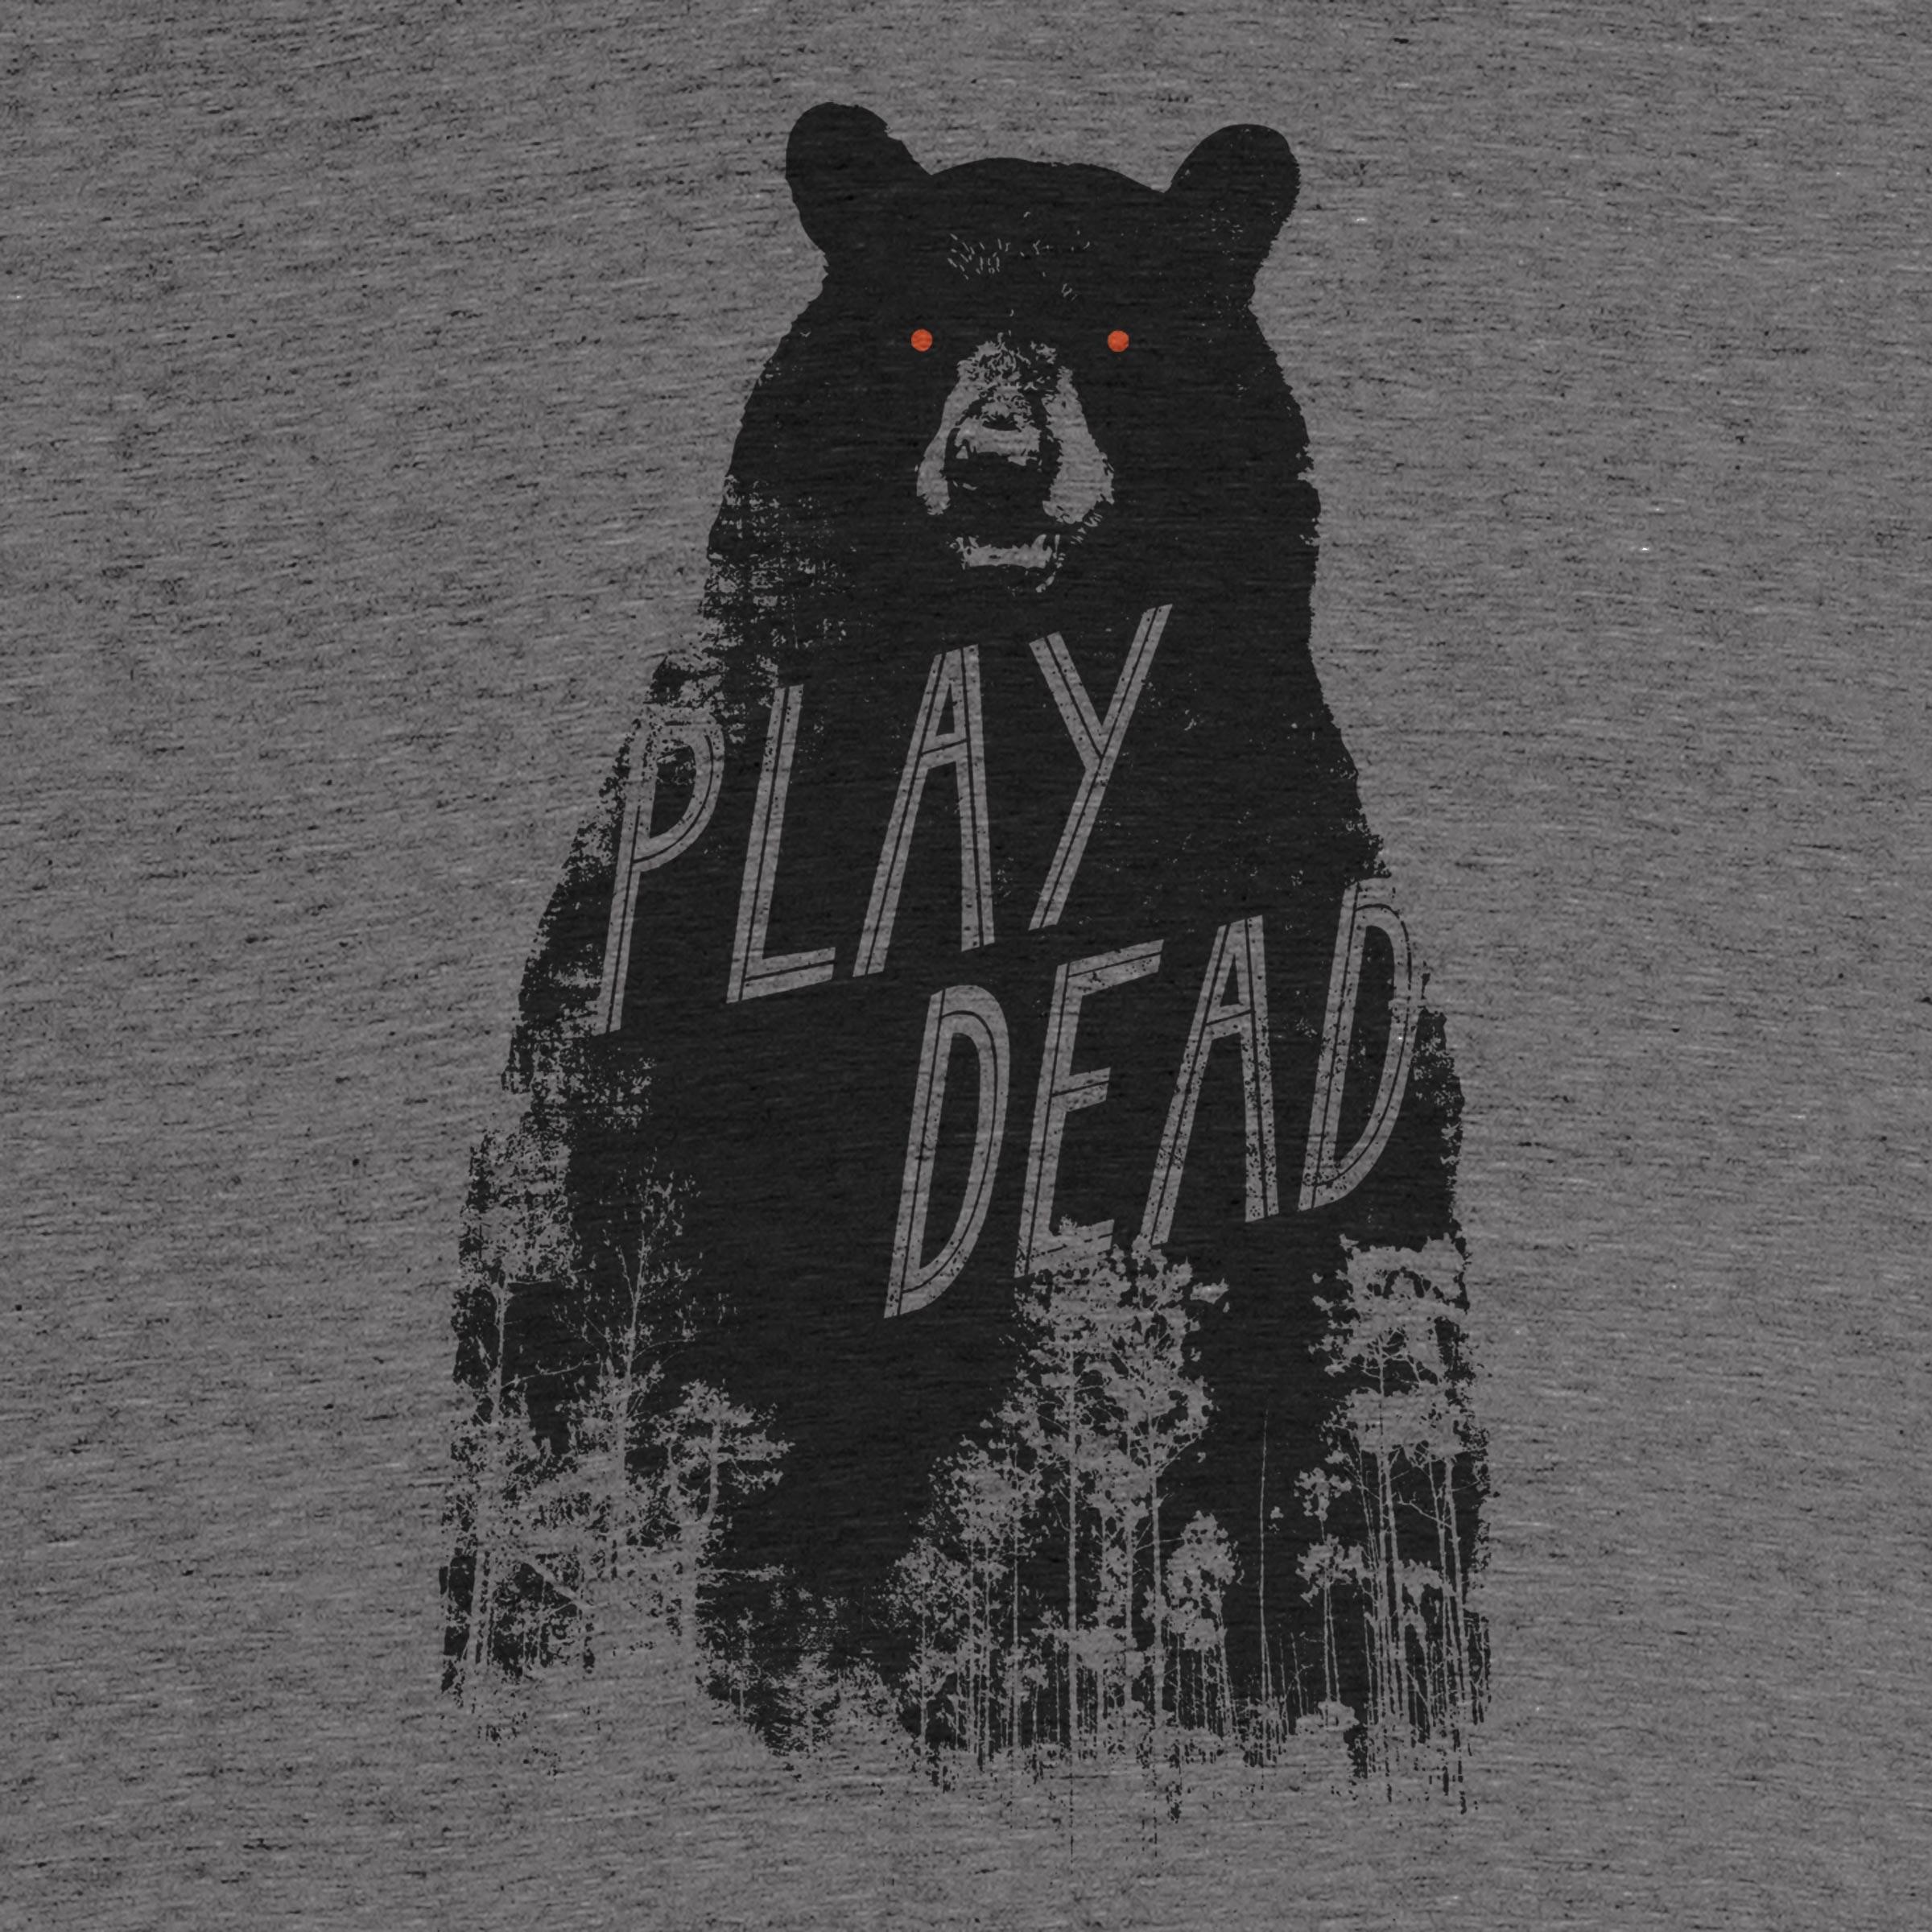 Play Dead Detail